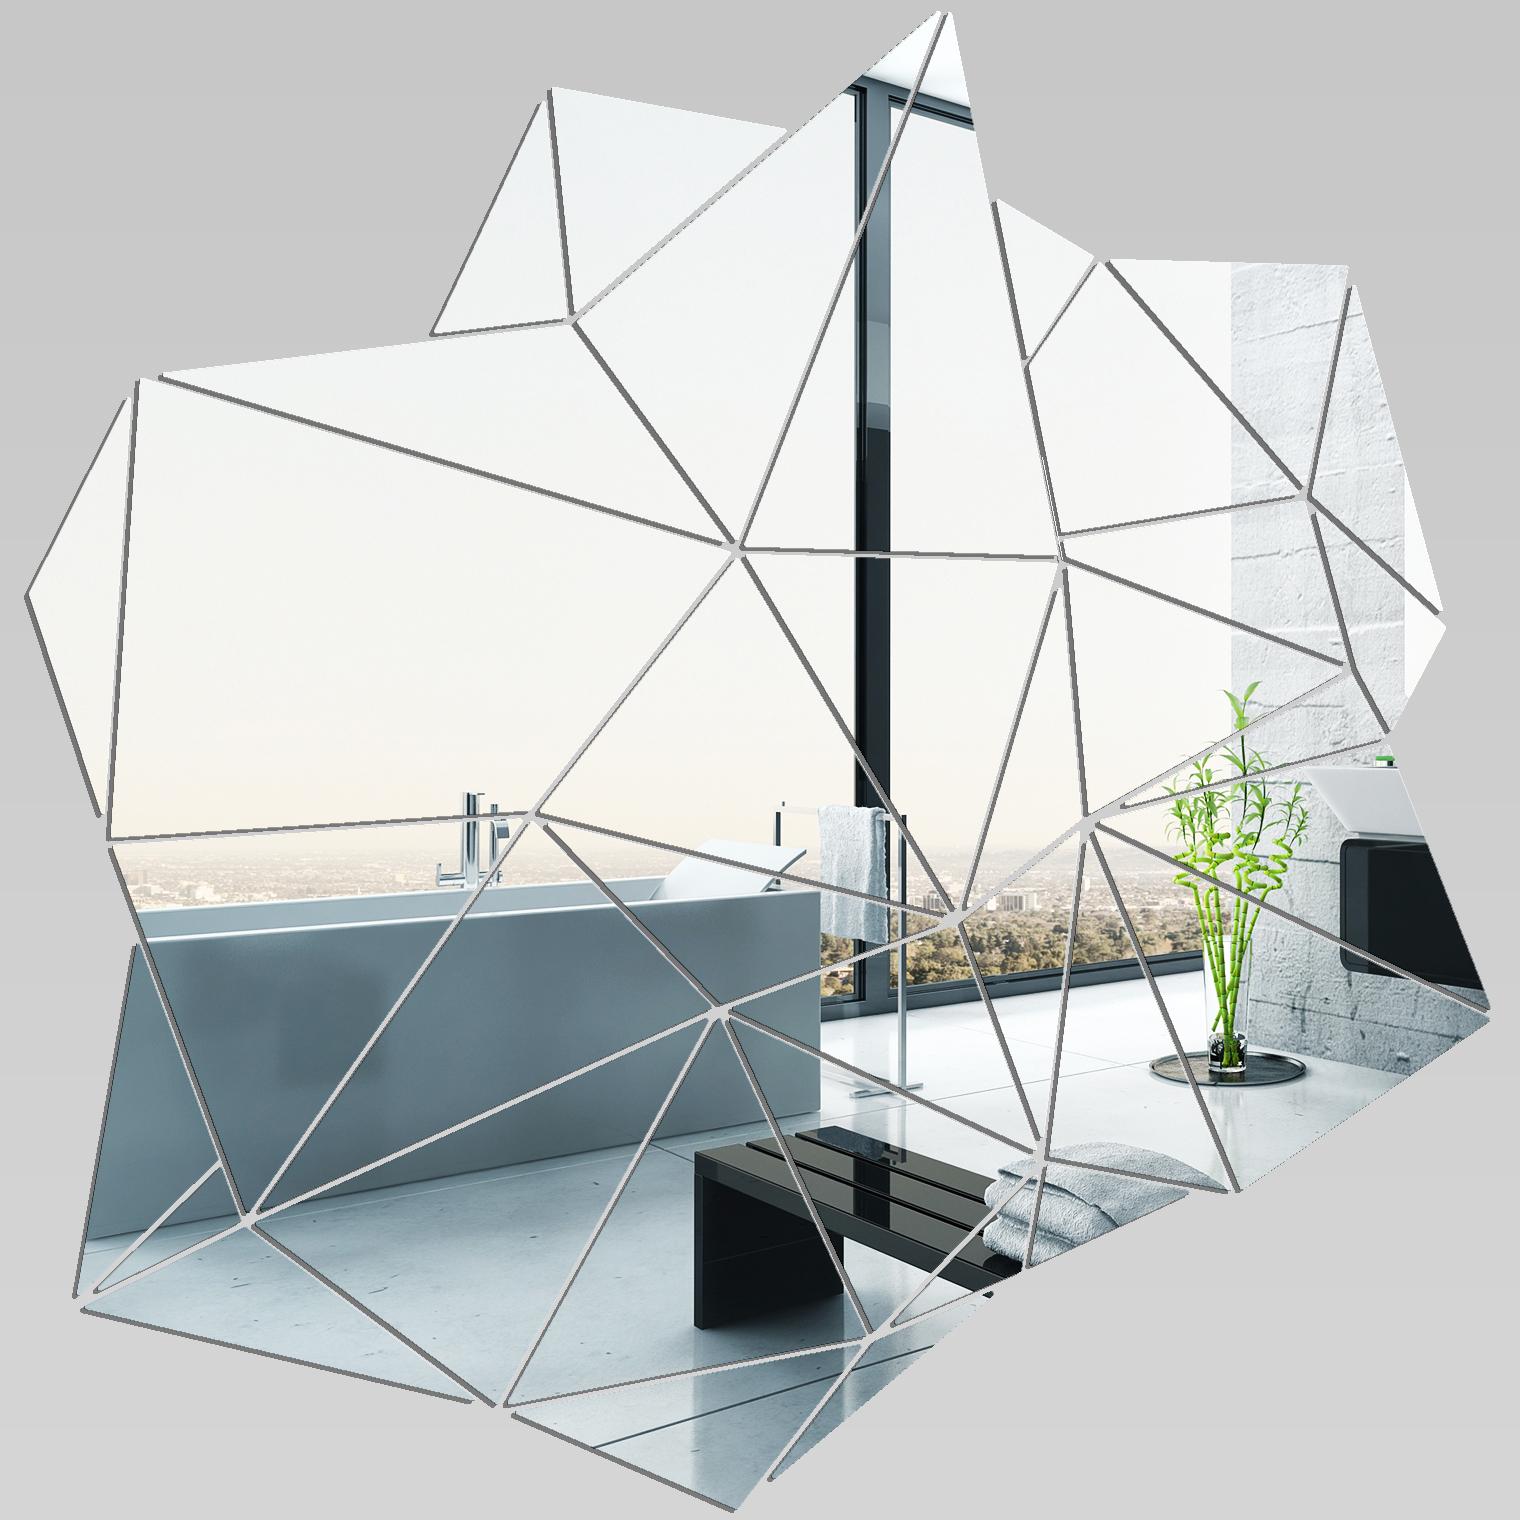 Miroir plexiglass acrylique blocs g om triques pas cher for Miroir geometrique